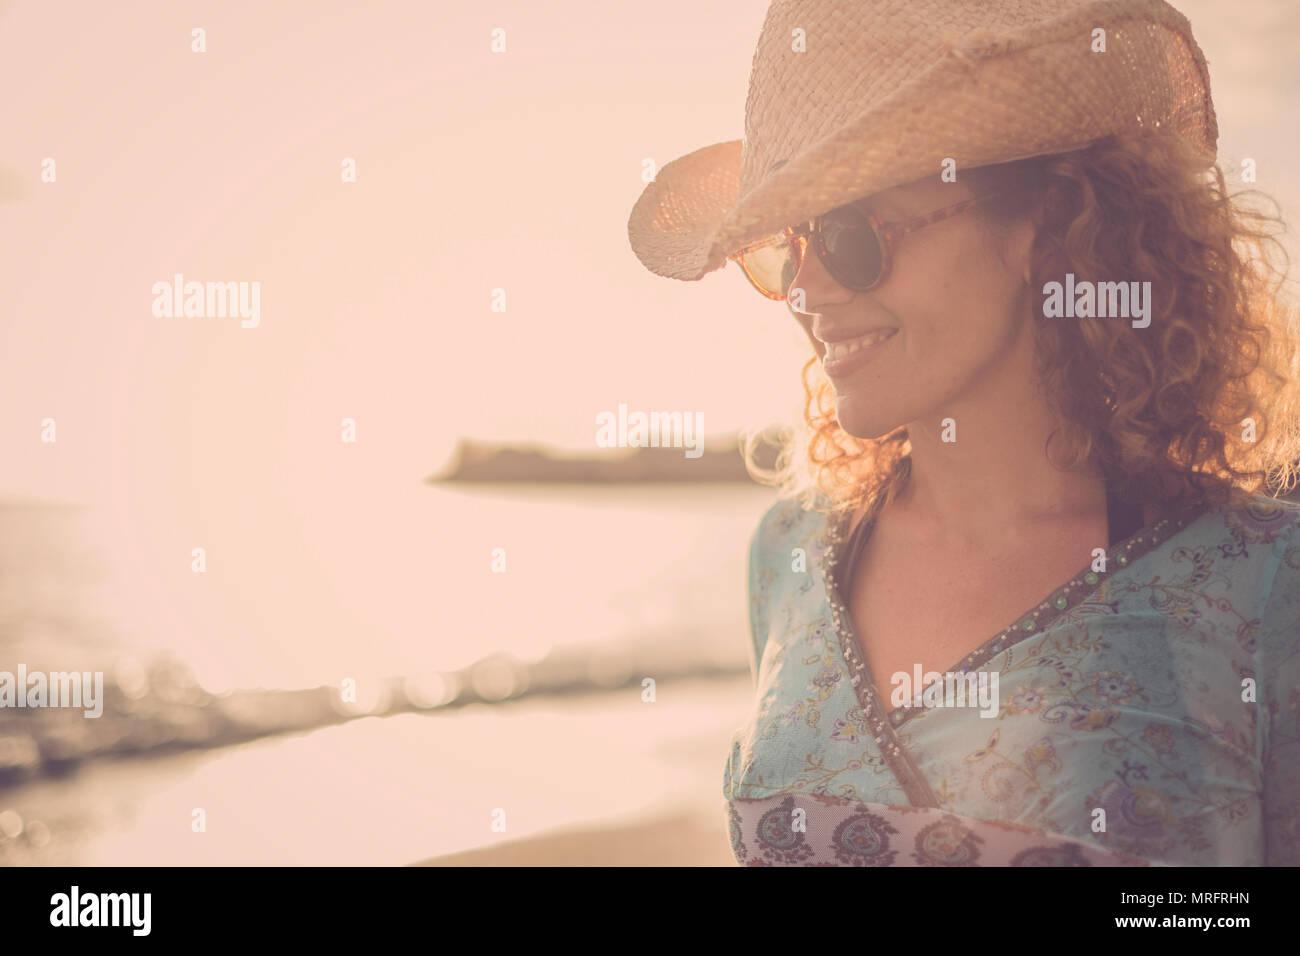 Bello y maravilloso cabello rizado rubio modelo edad media con sombrero de cowboy sonreír y posar en la playa con el sol de oro en el fondo de un color. Imagen De Stock